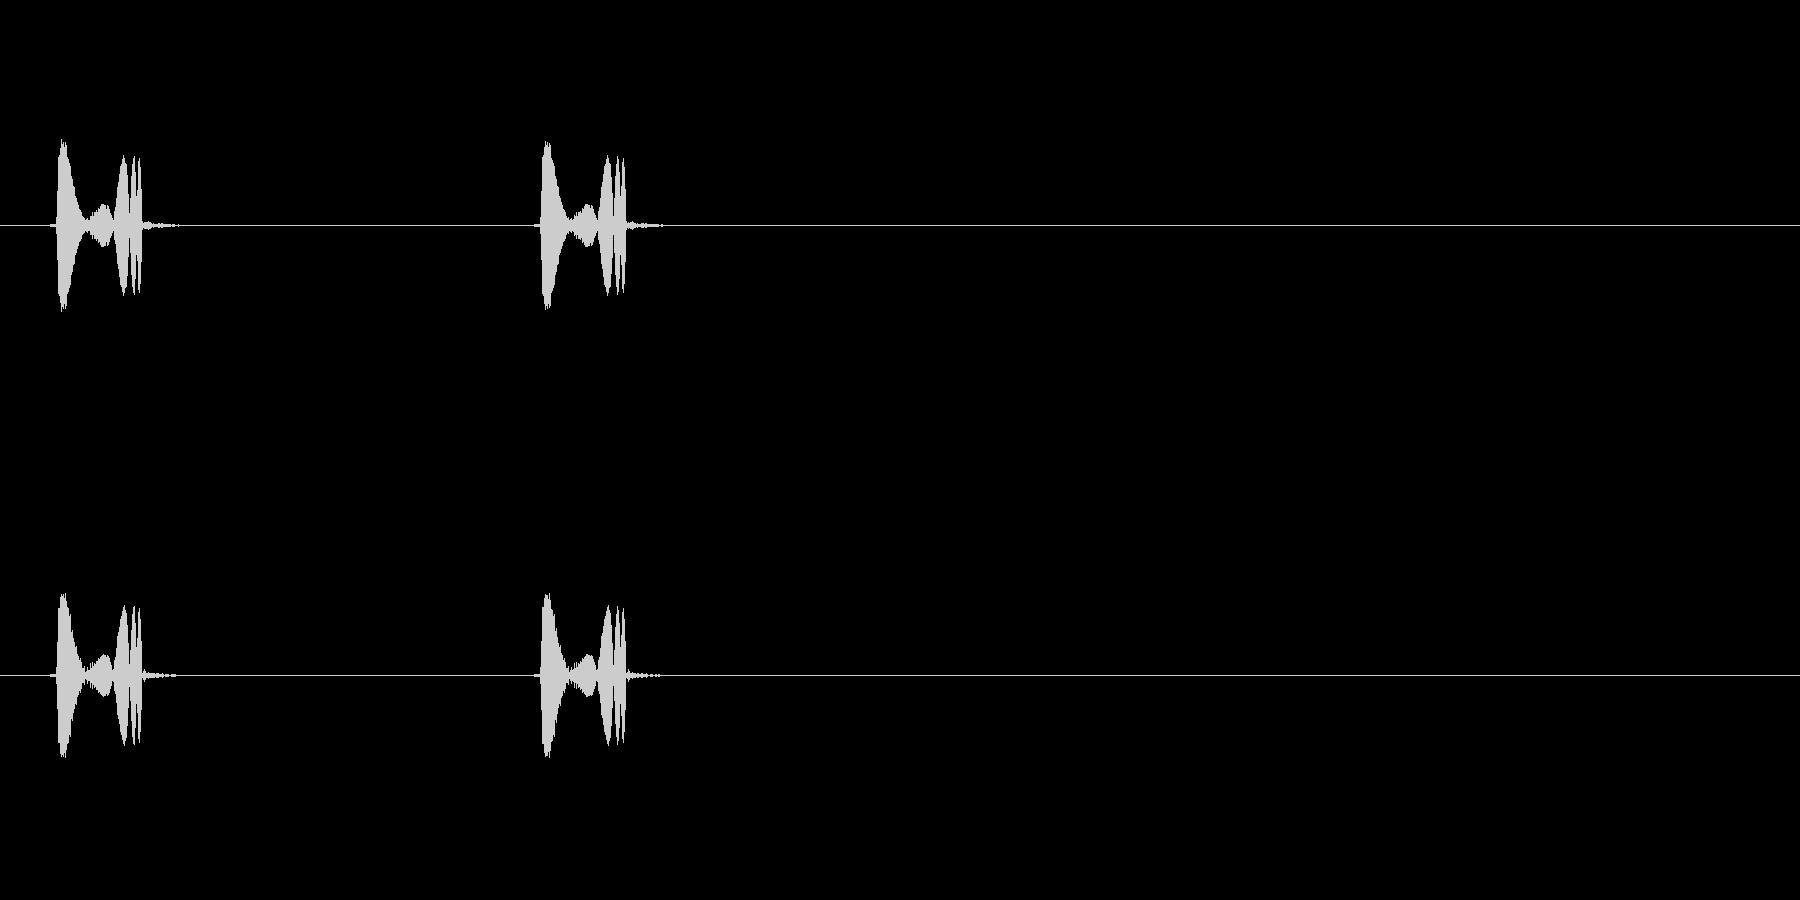 【ポップモーション02-3】の未再生の波形